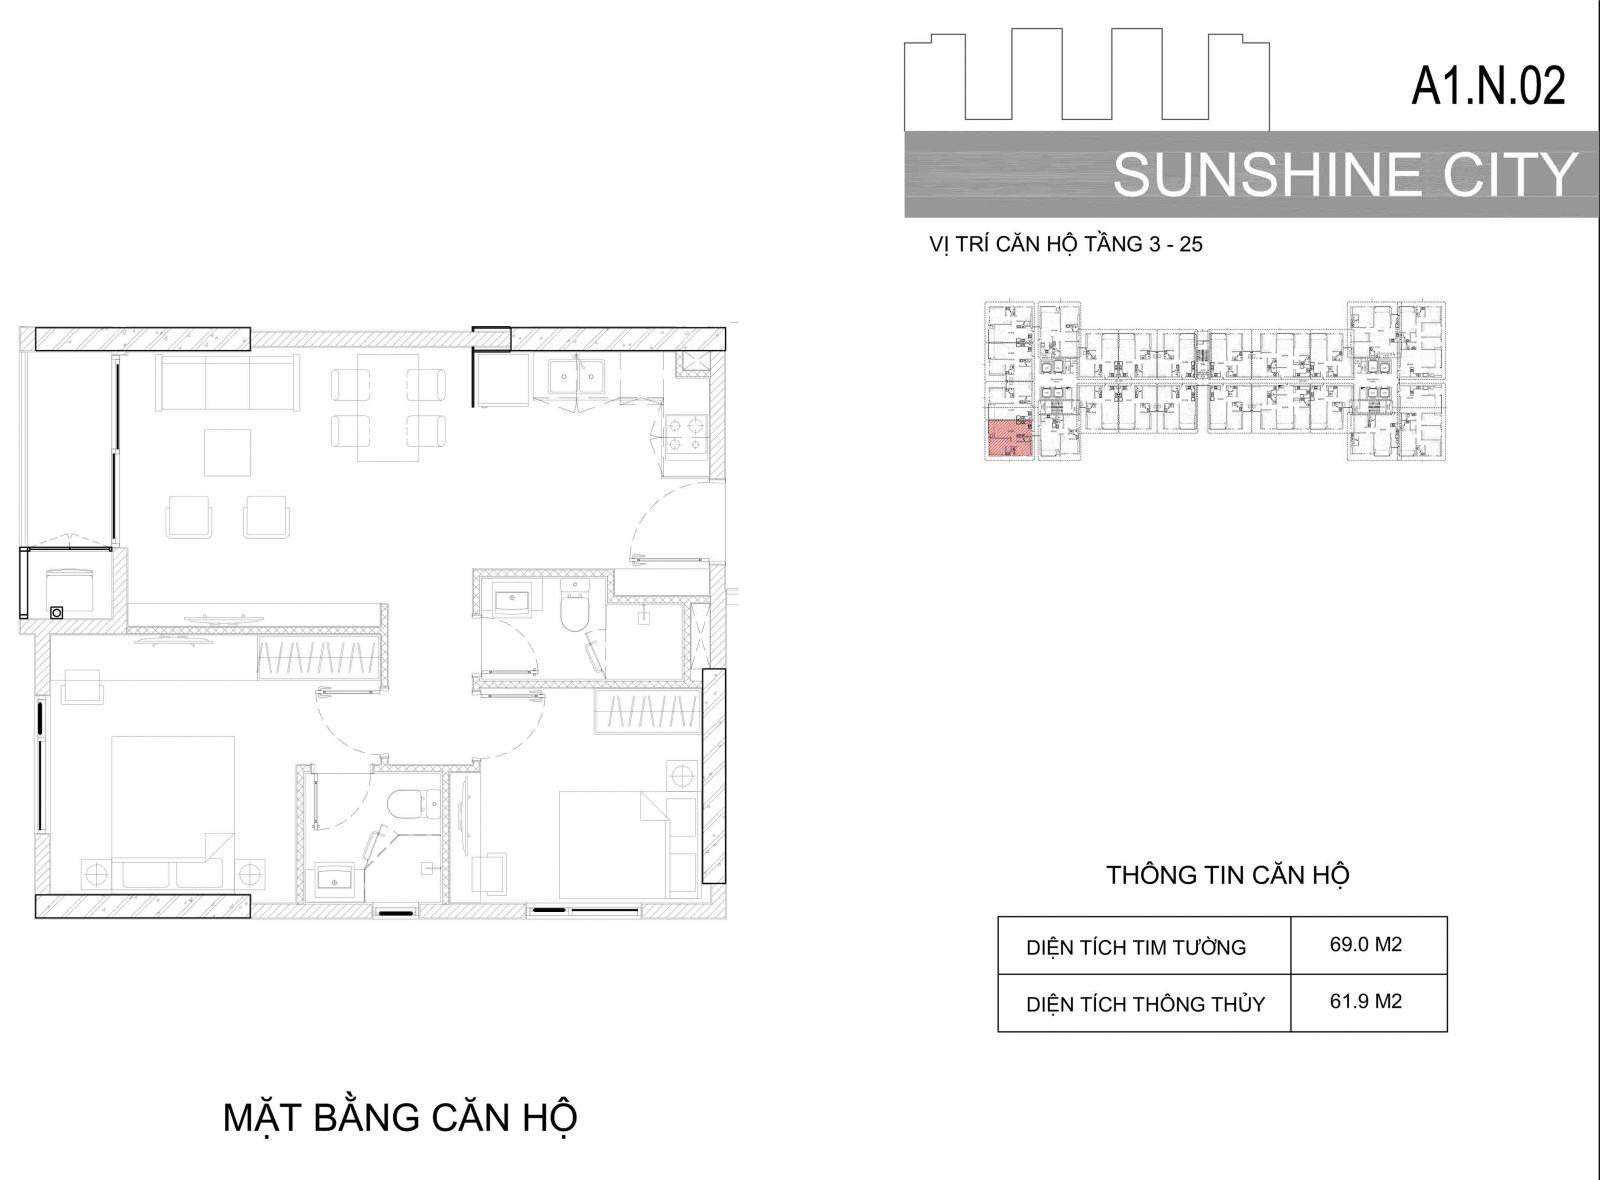 Thiết kế căn hộ sunshine city quận 7